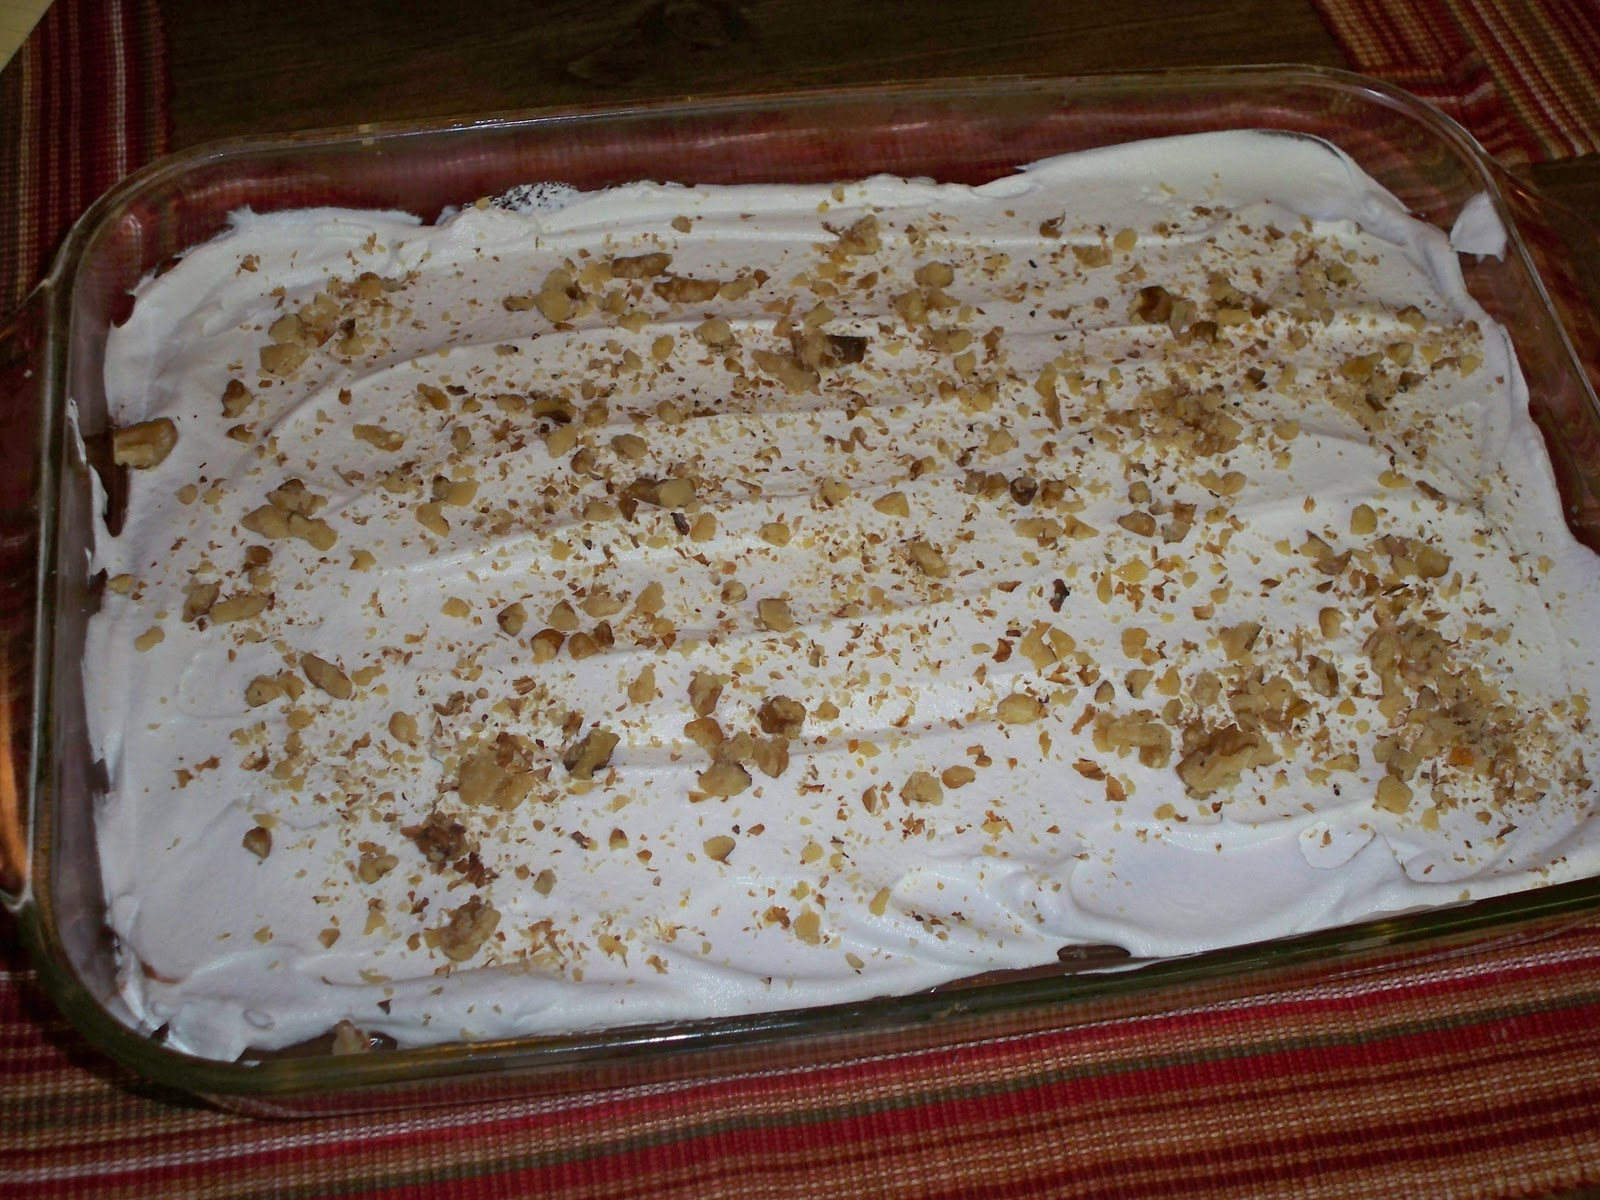 Gramma's in the kitchen: Decadent Chocolate Torte